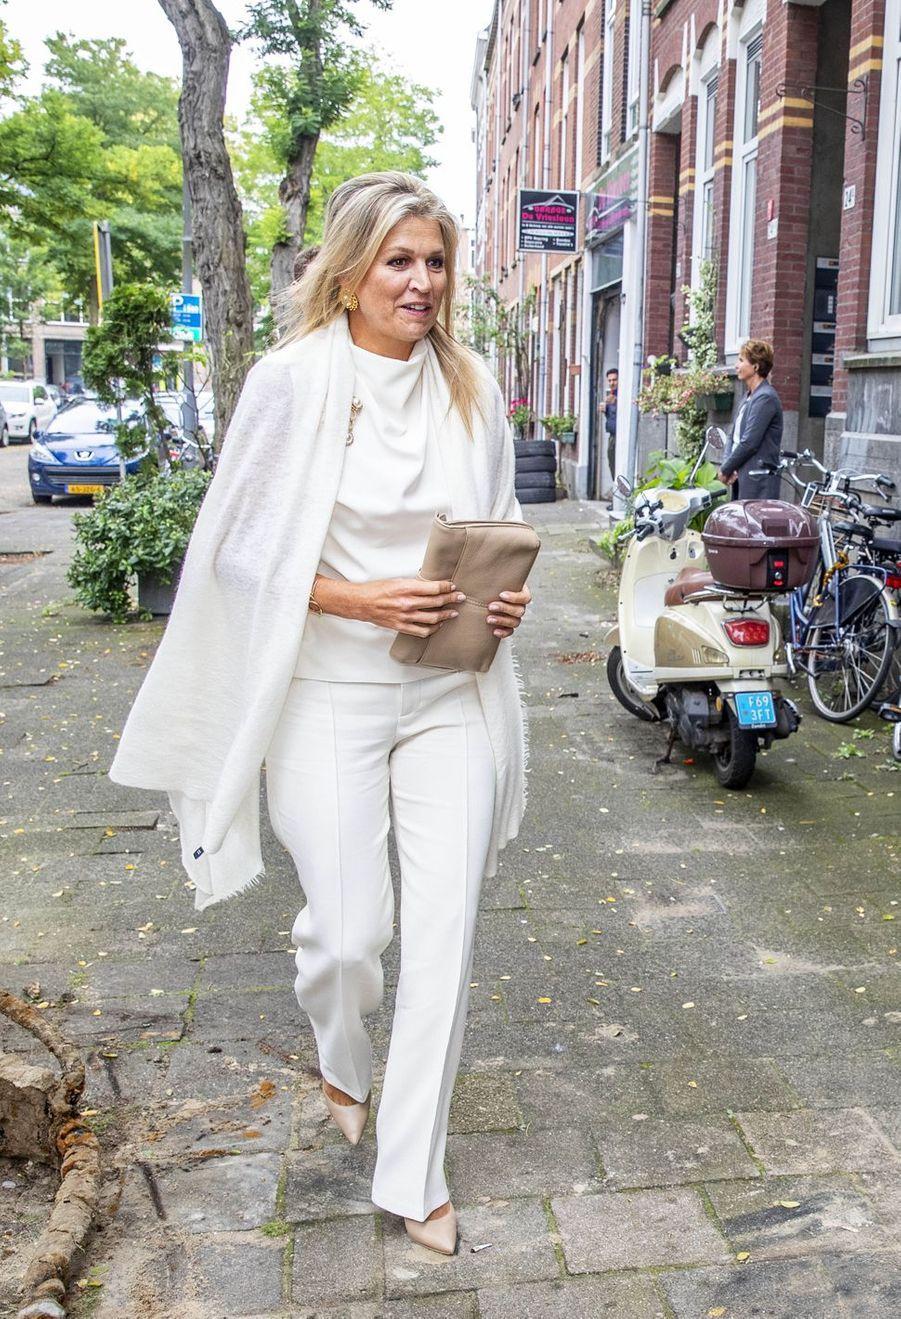 La reine Maxima des Pays-Bas, dans un look immaculé, à Rotterdam le 3 septembre 2020